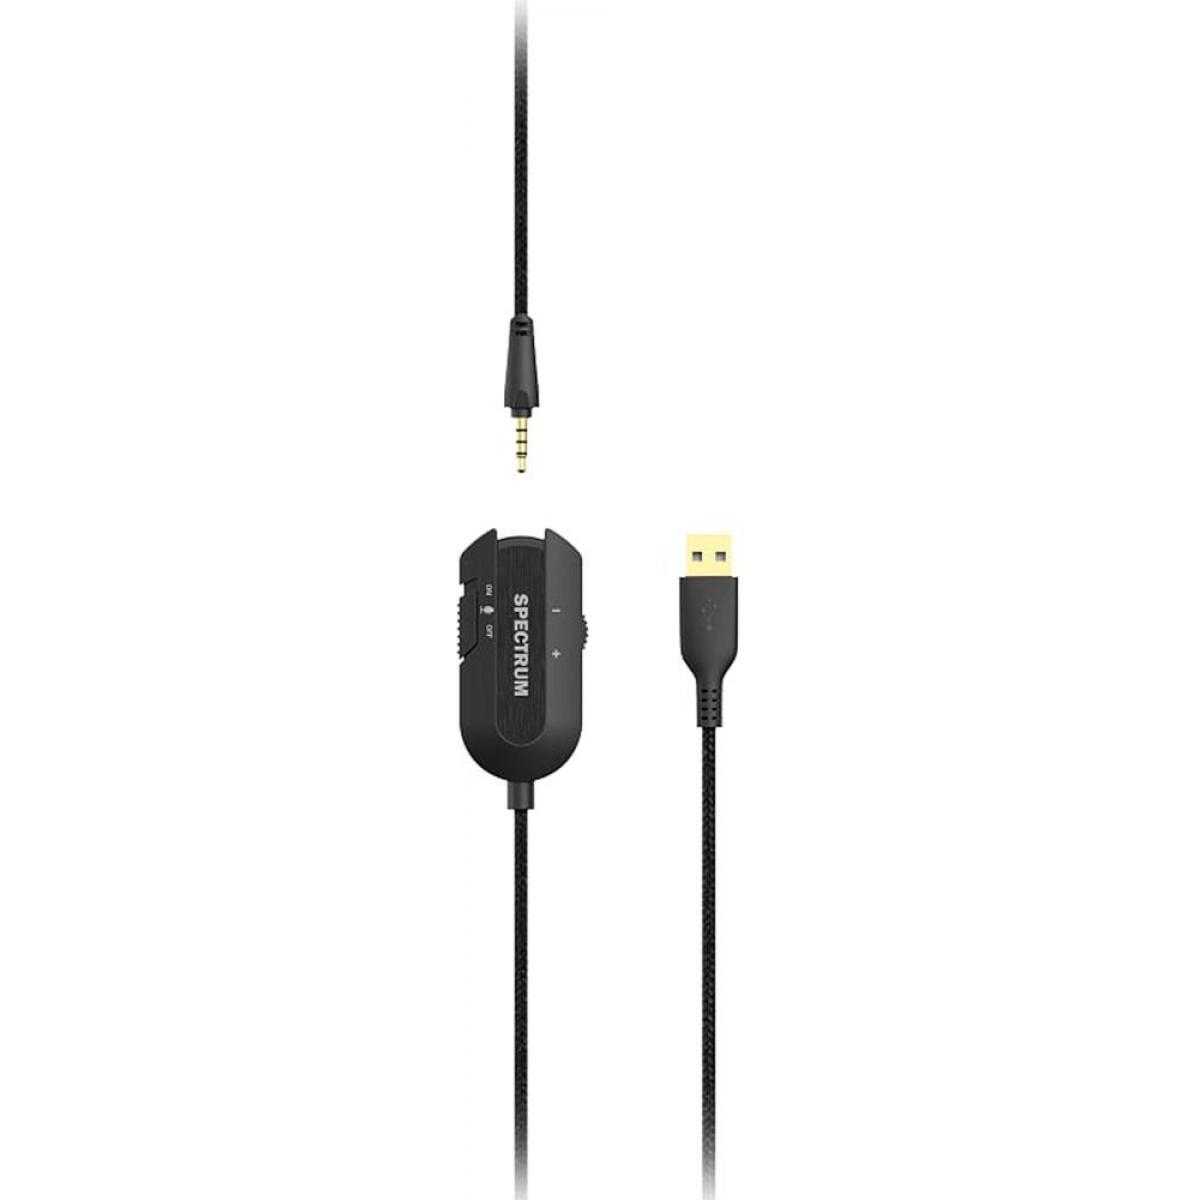 Headset Gamer Dazz Spectrum 7.1, Black, 6014644